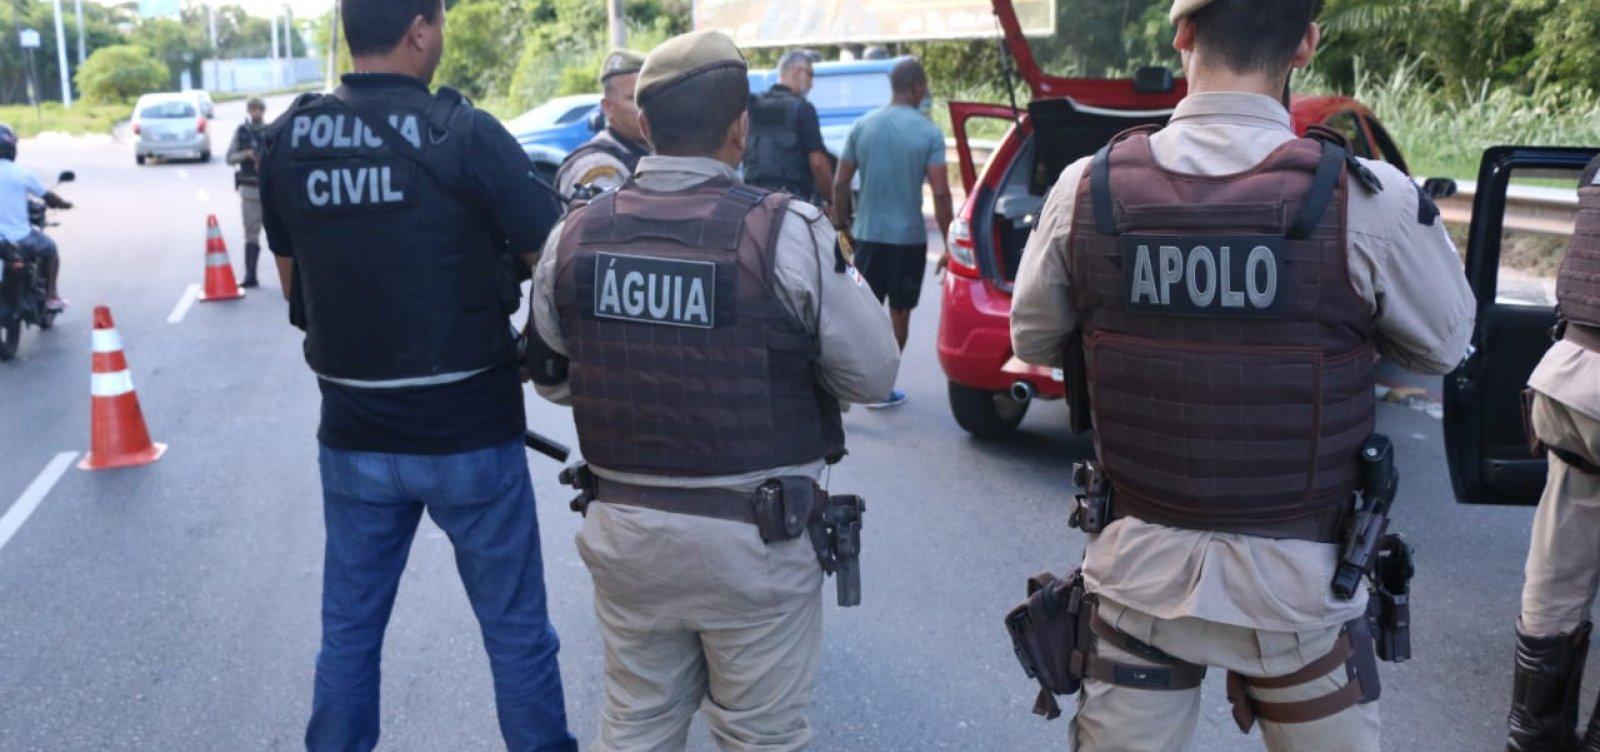 Bahia teve queda de 20% em número de assassinatos, aponta pesquisa